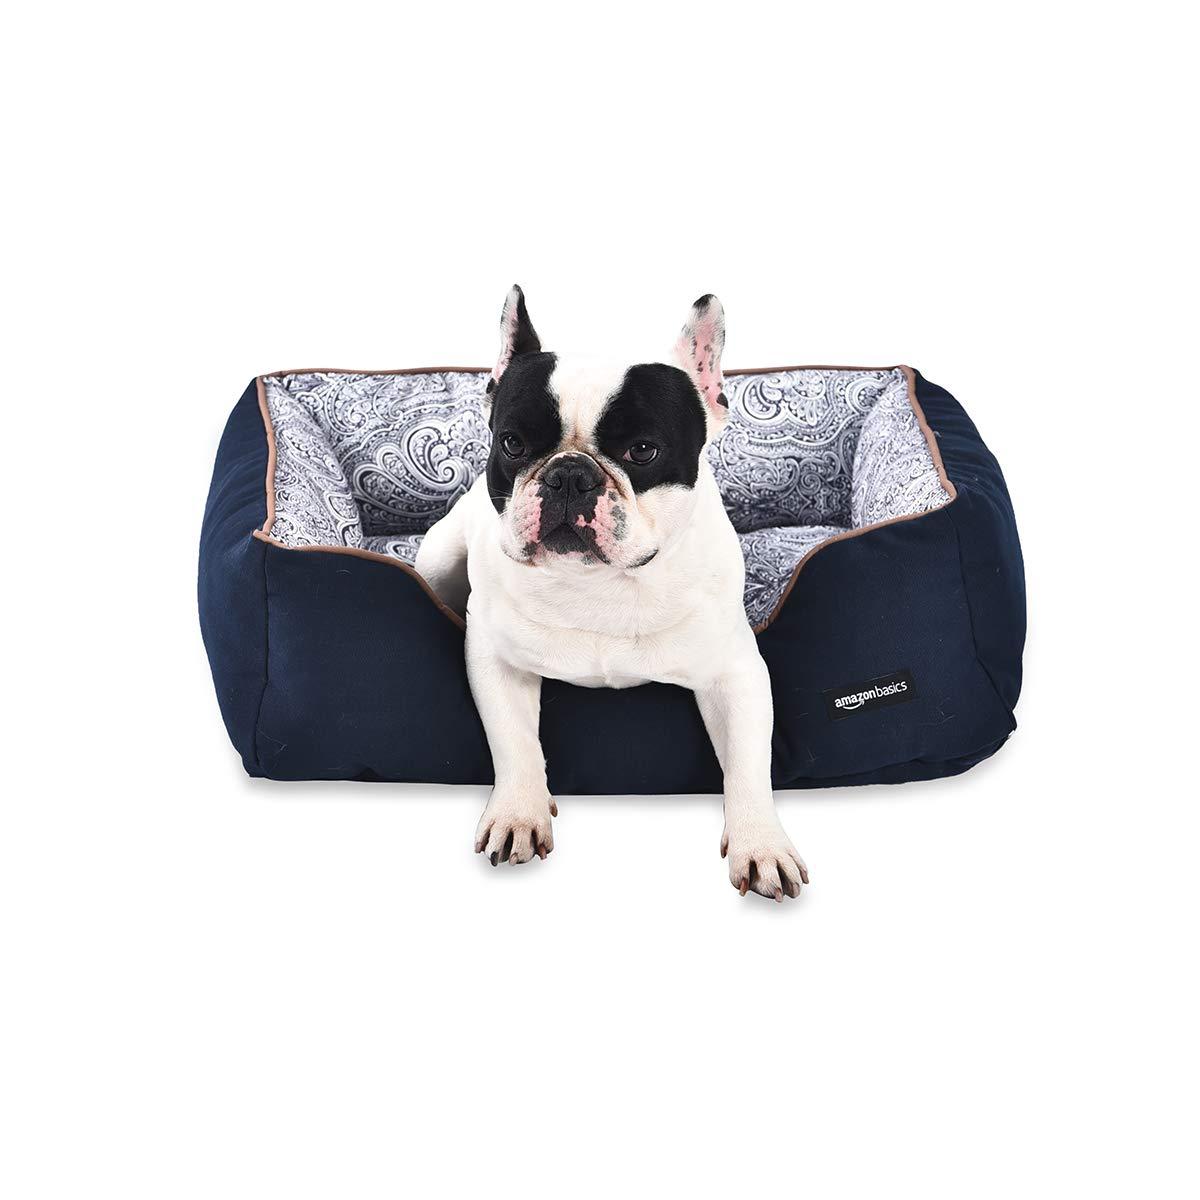 Taglia S stampa floreale Cuccia per animali domestici Basics Cuddler